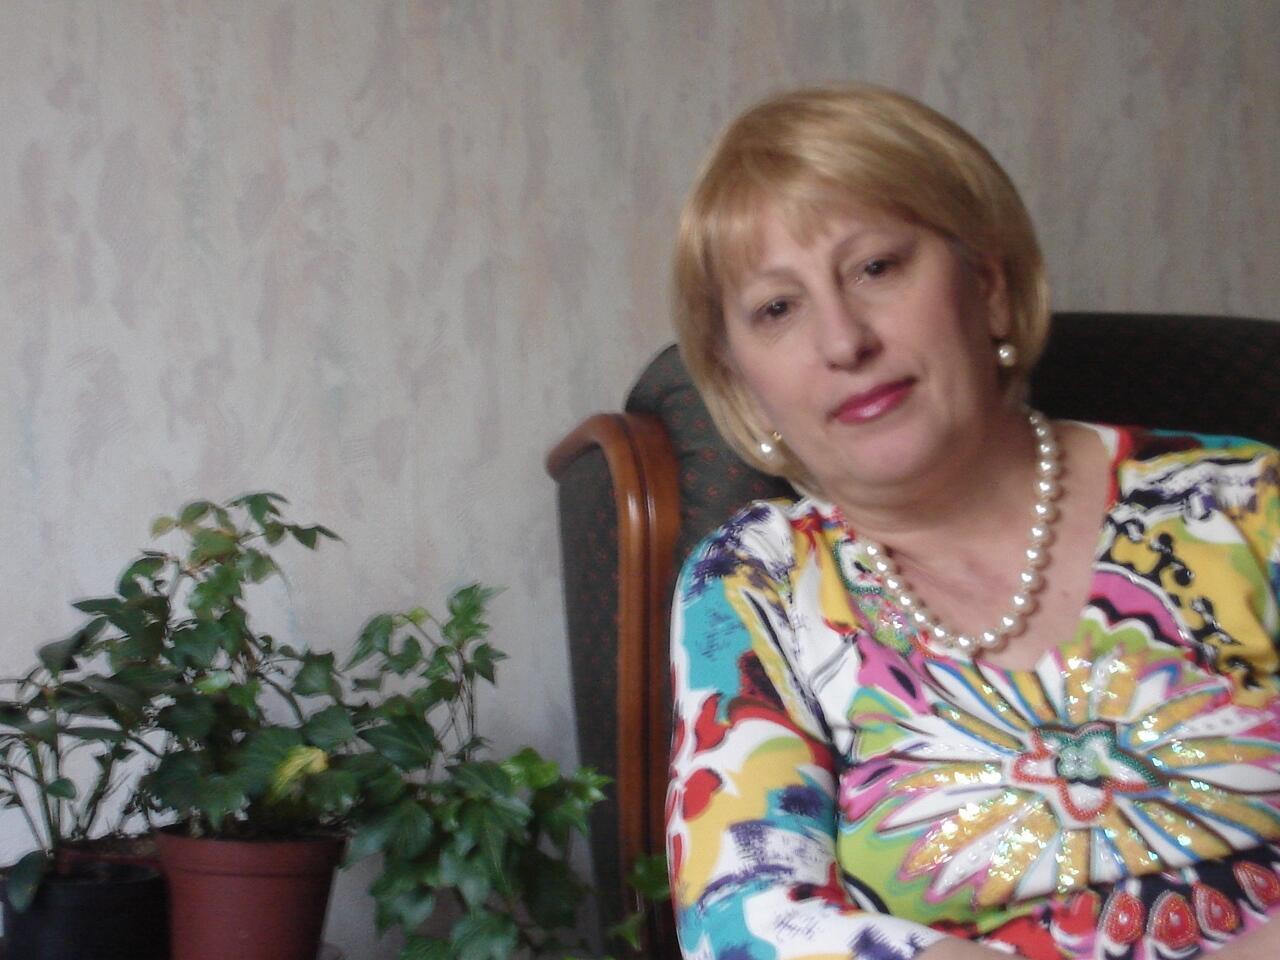 Фото Тины Брюссель из архива журналиста Исрапила Шовхалова